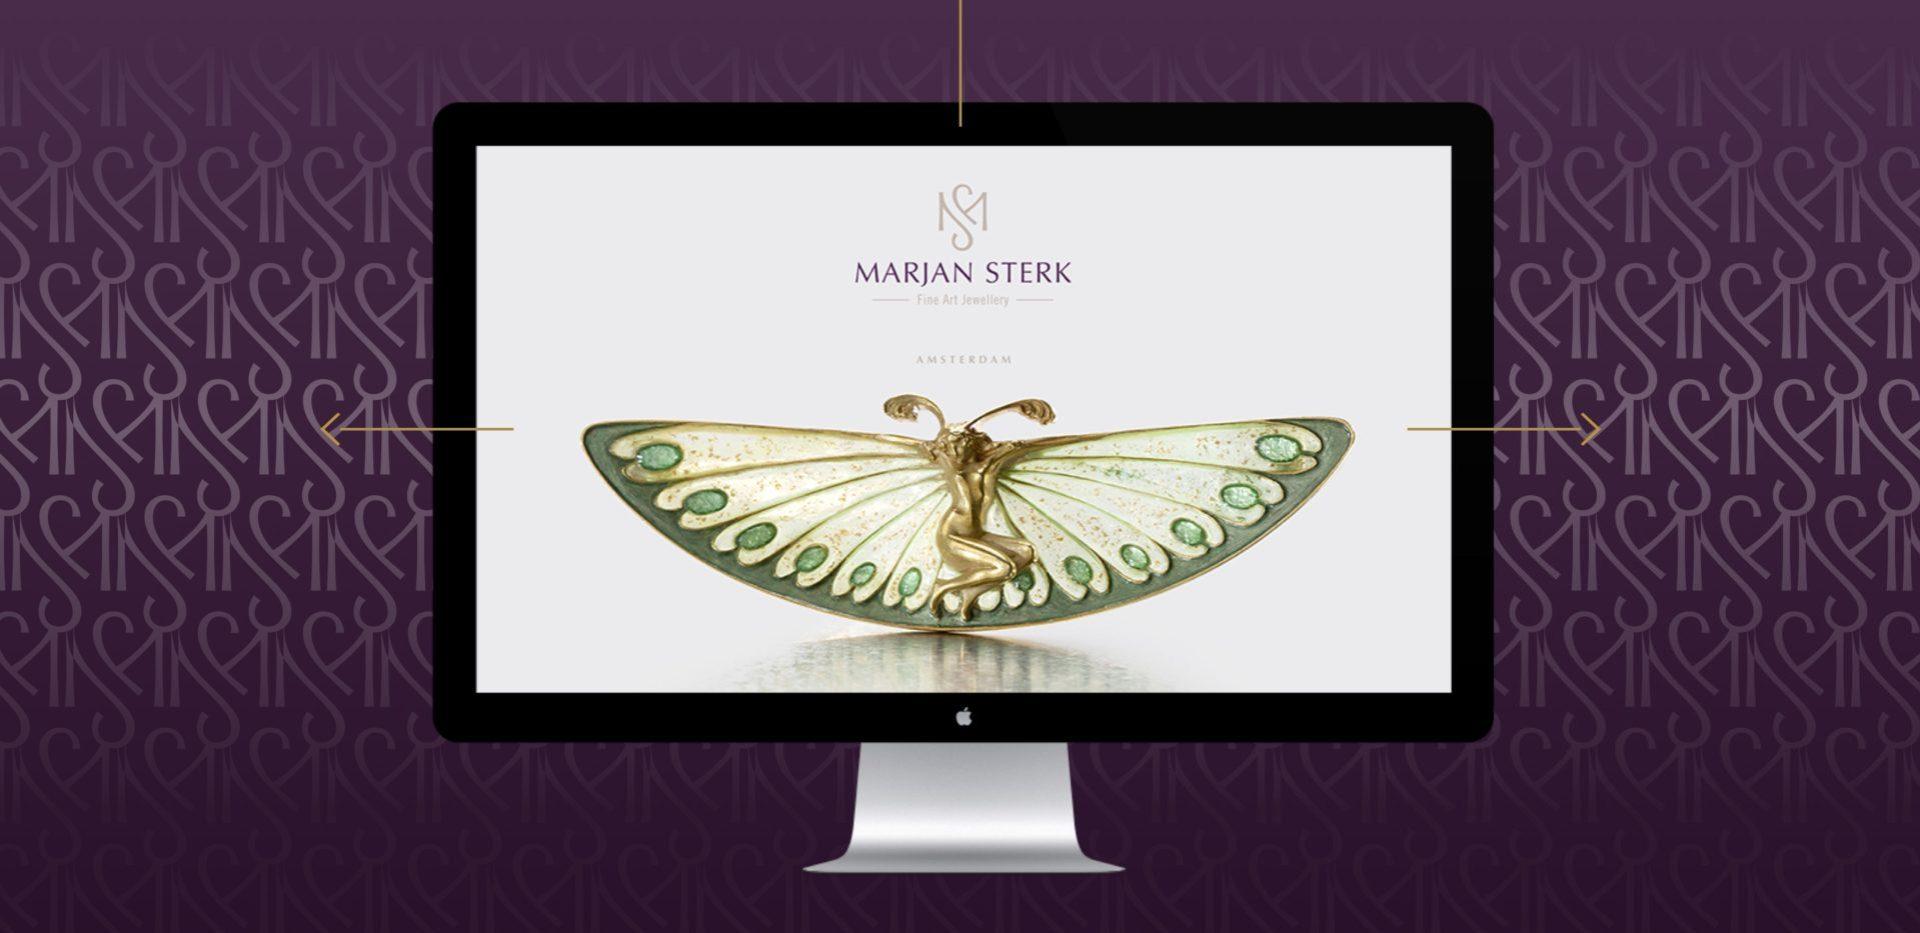 Marjan Sterk maatwerk website - Rene Verkaart)